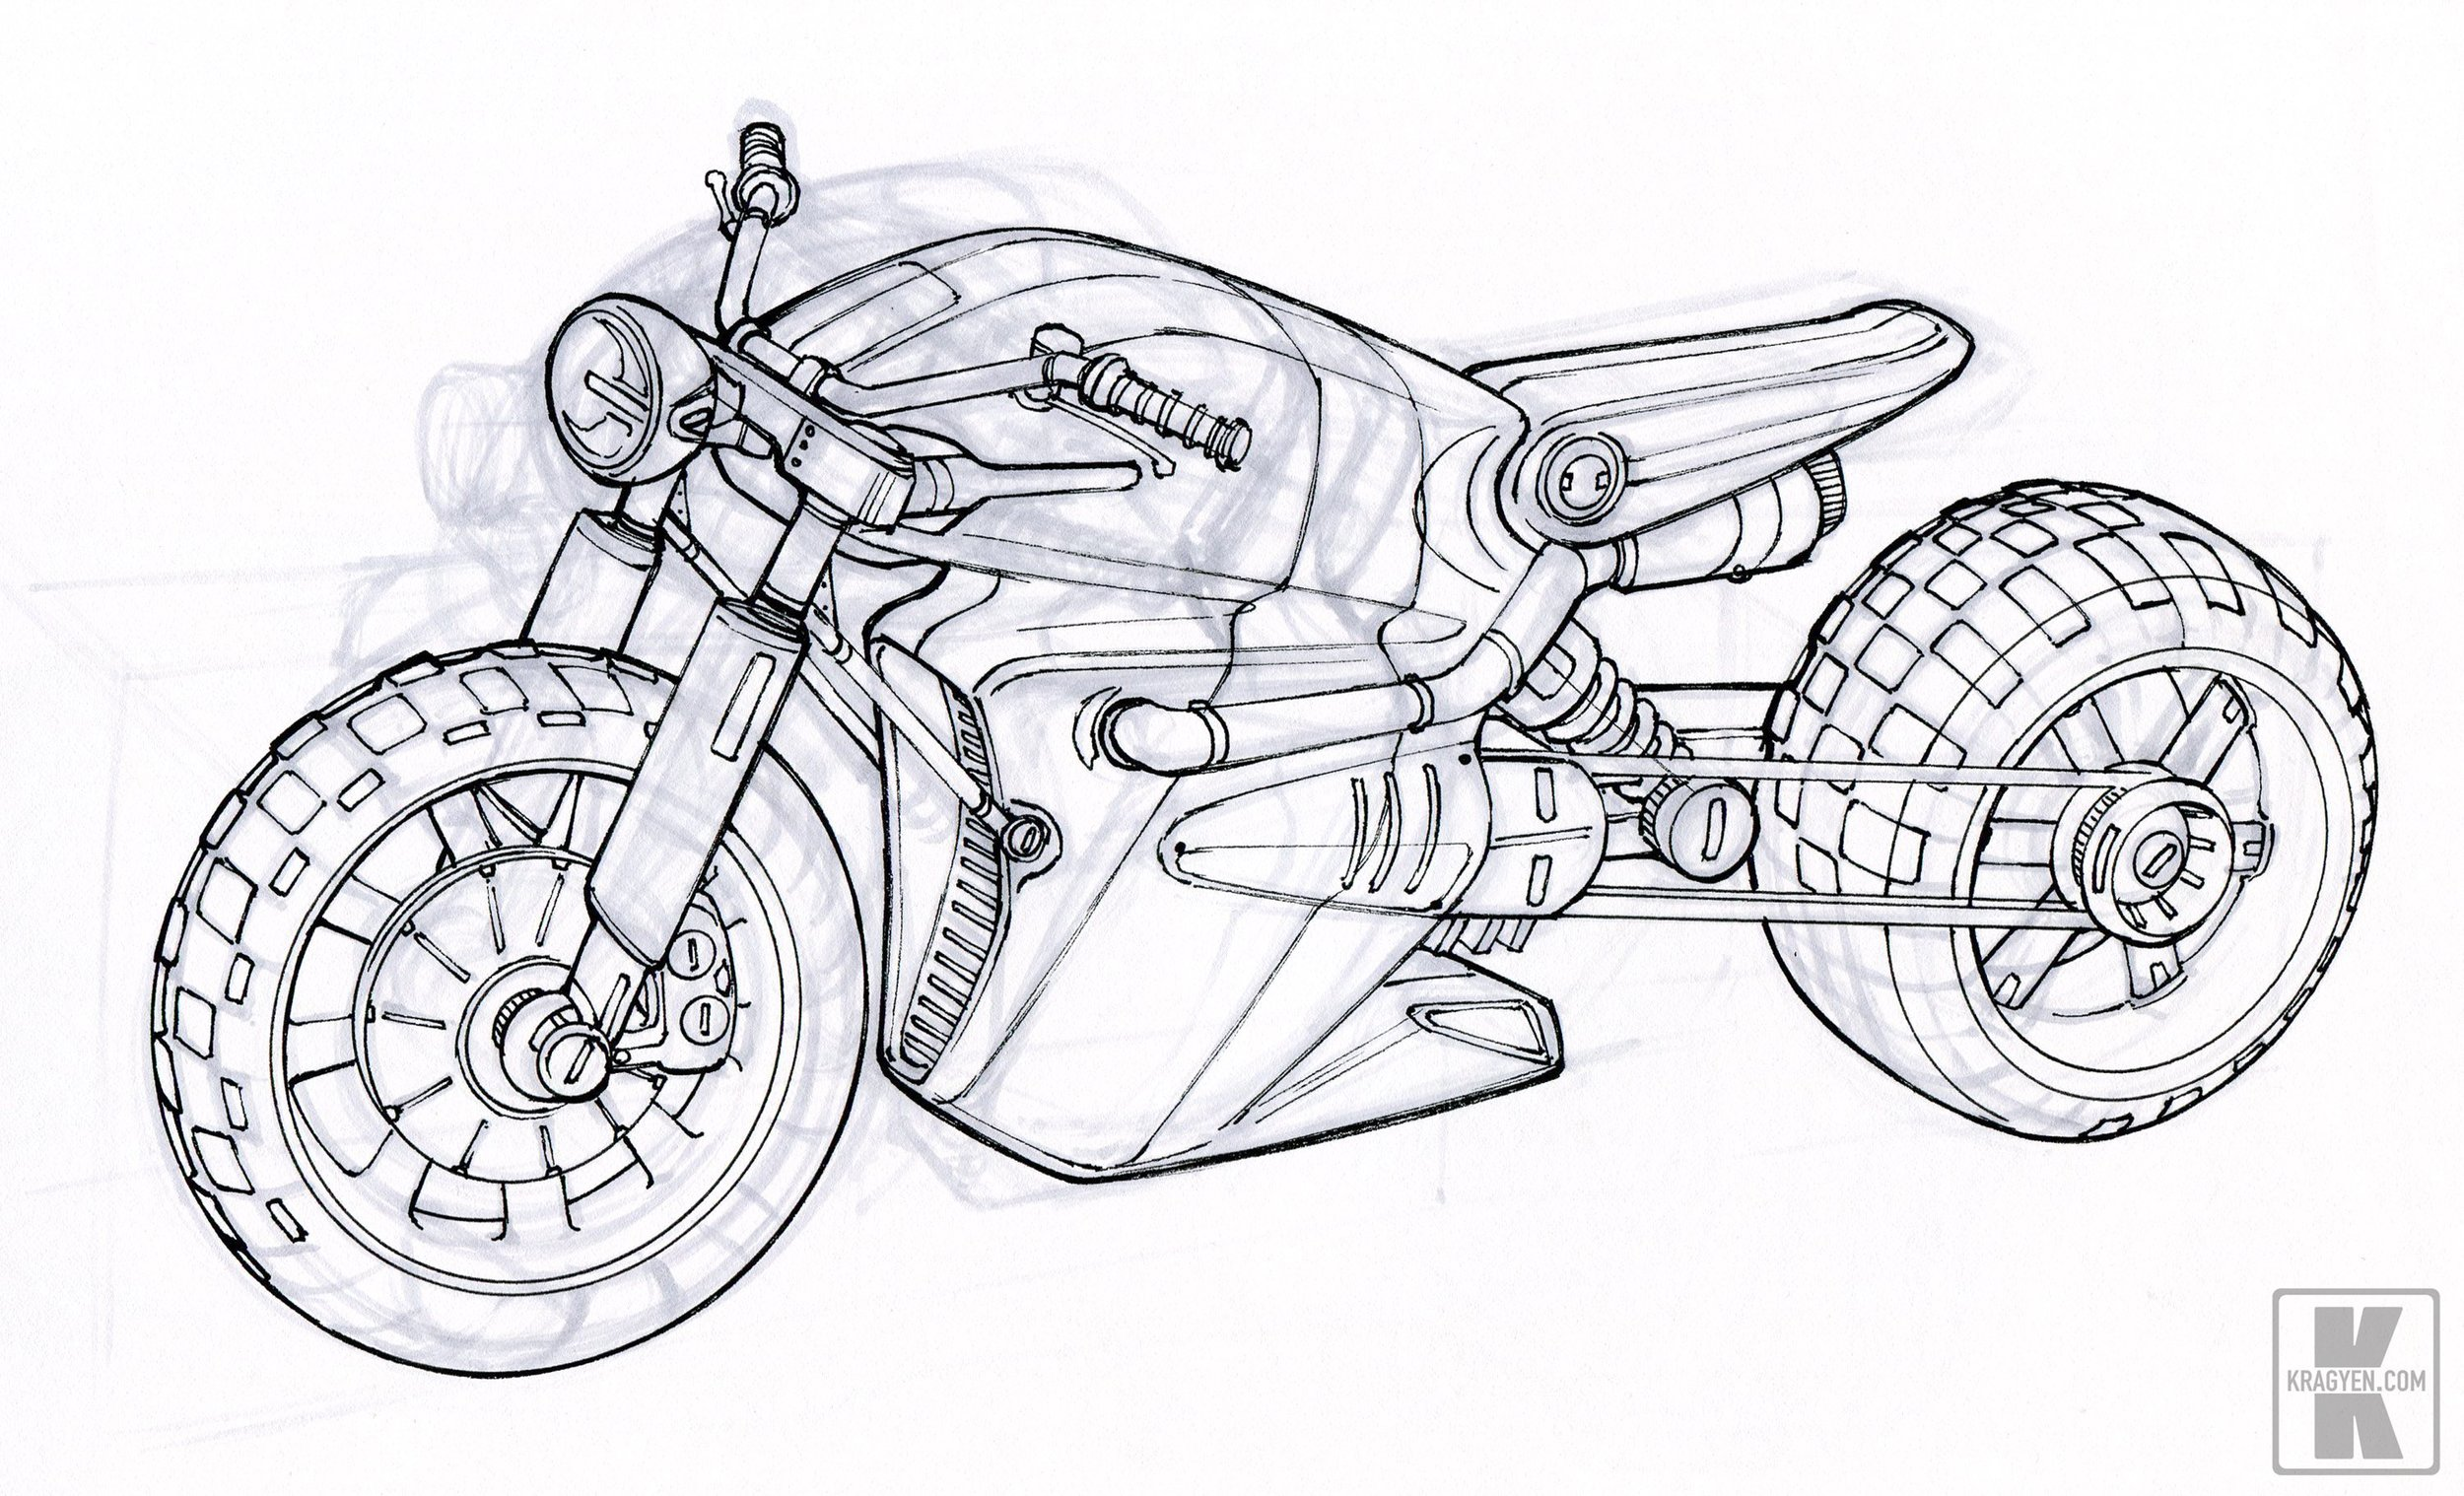 Motorcycle1x.jpg